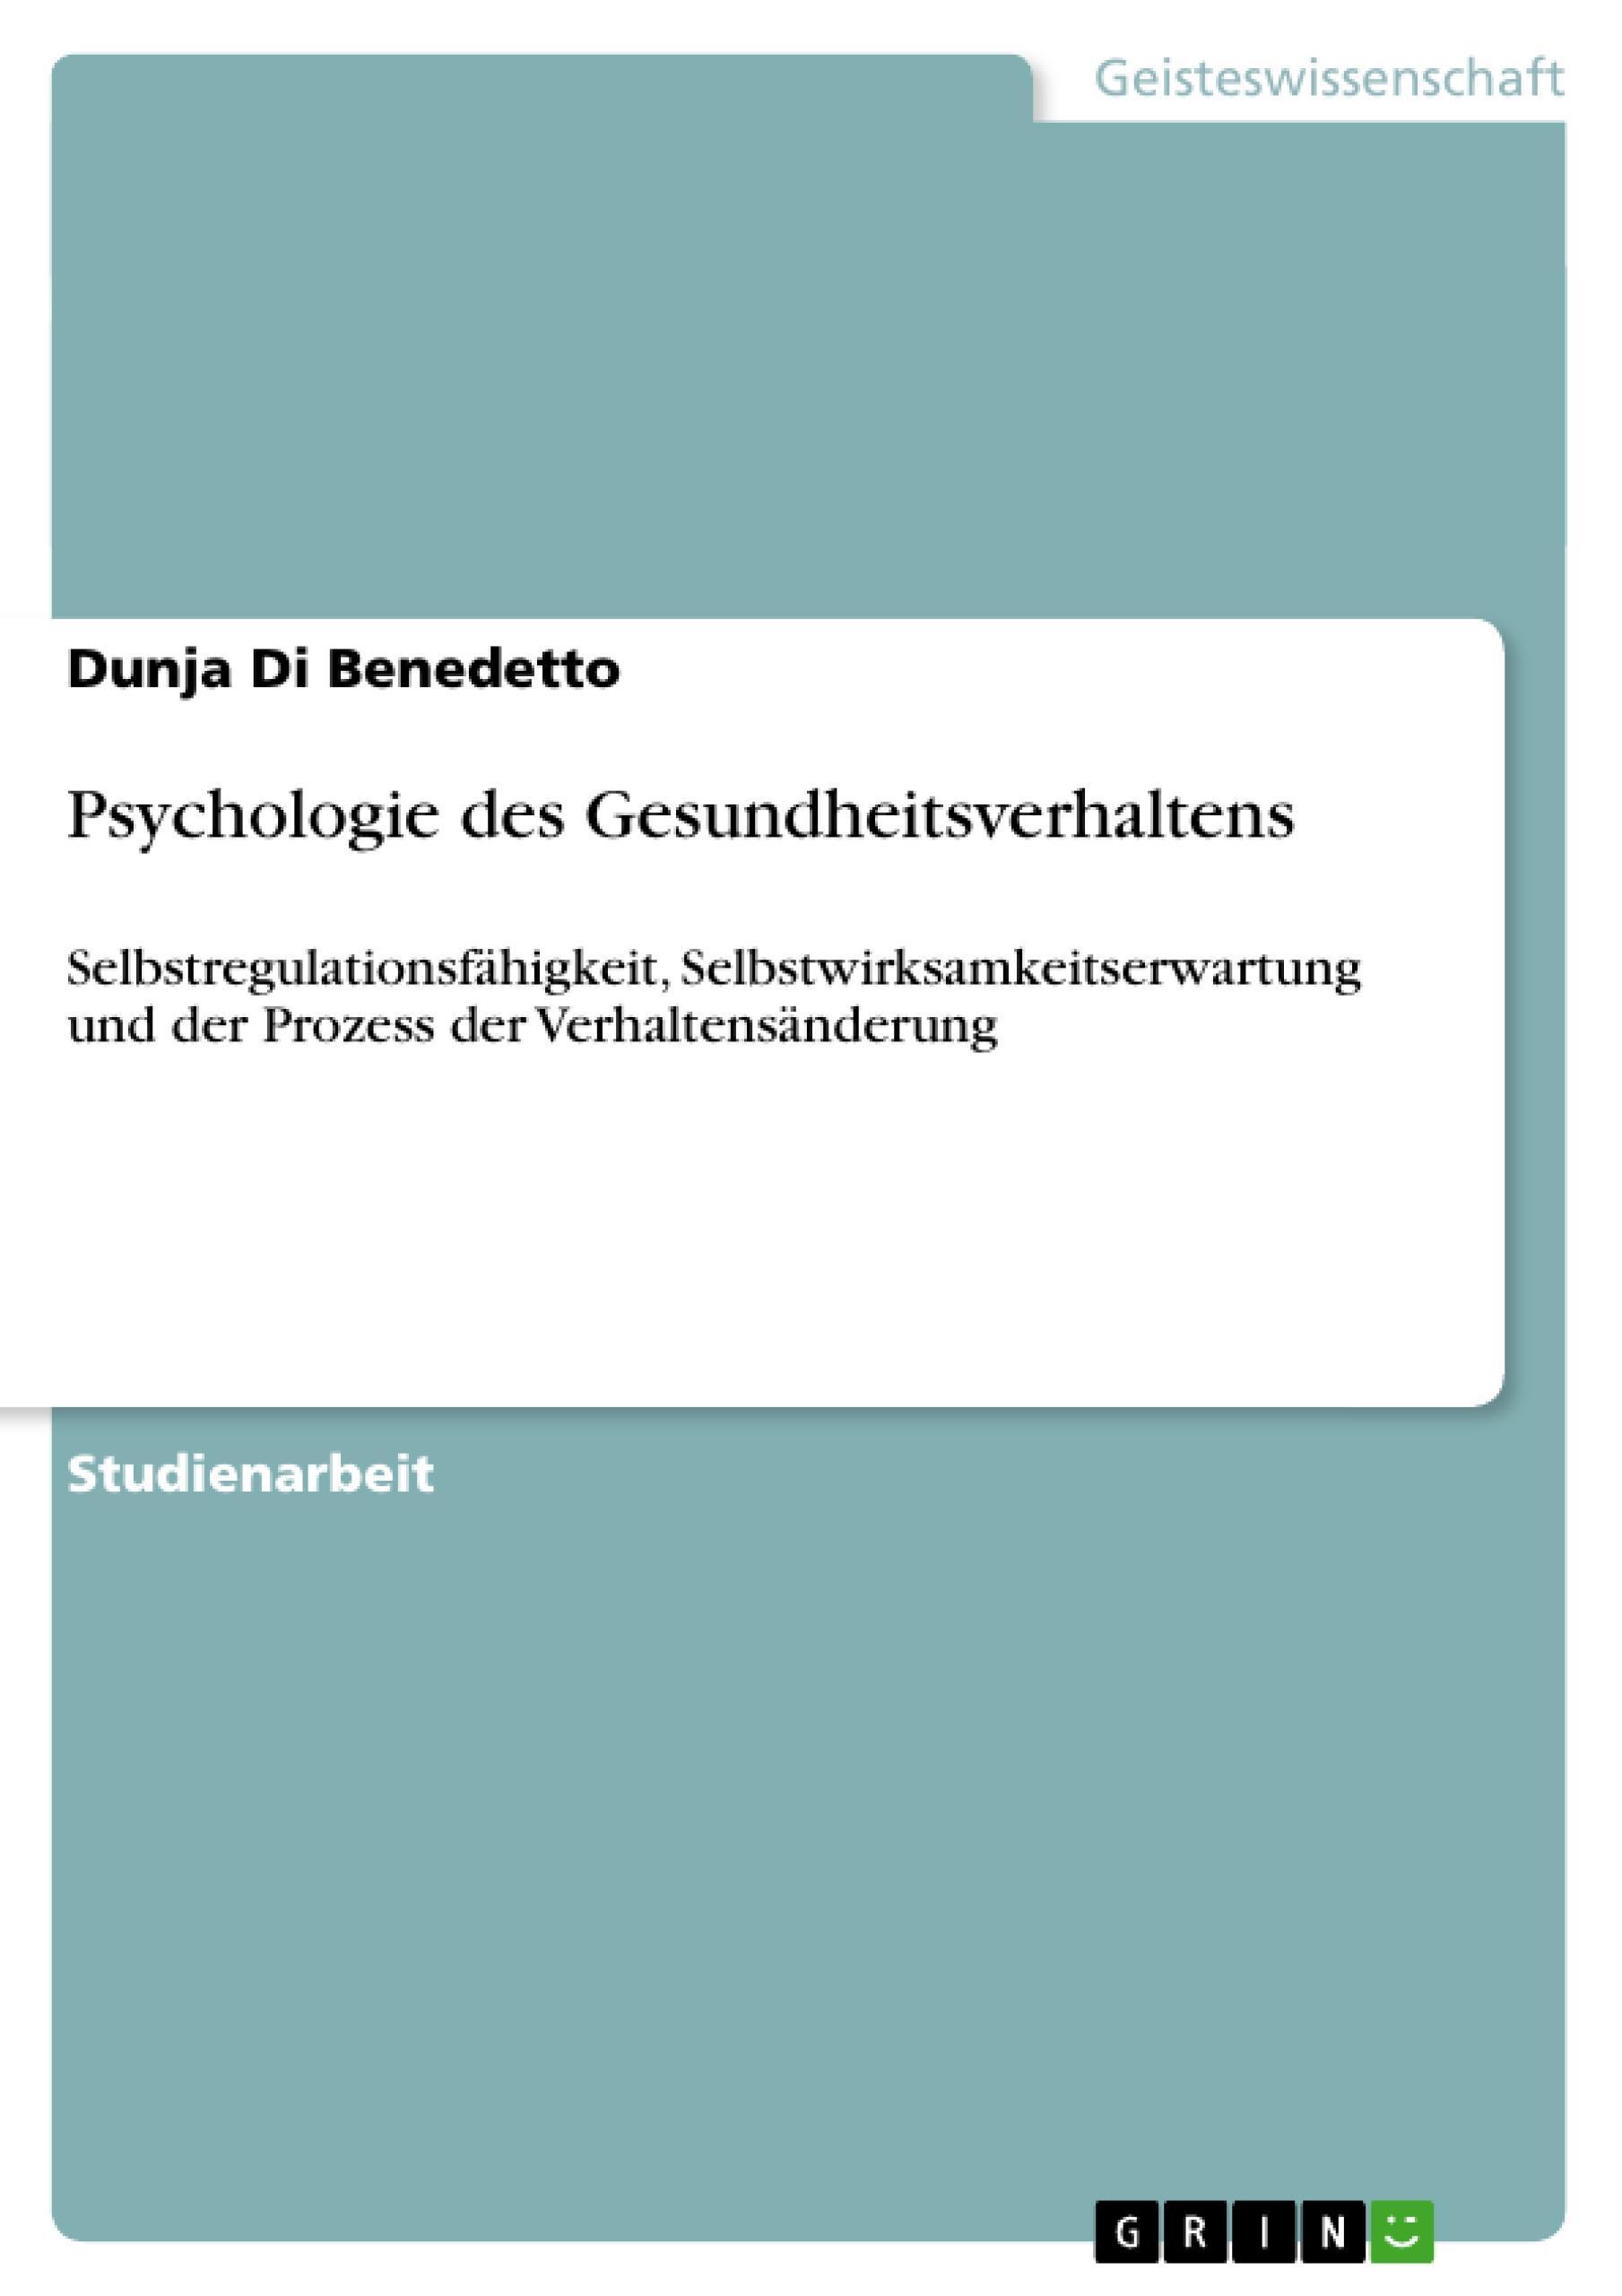 Psychologie des Gesundheitsverhaltens Dunja Di Benedetto